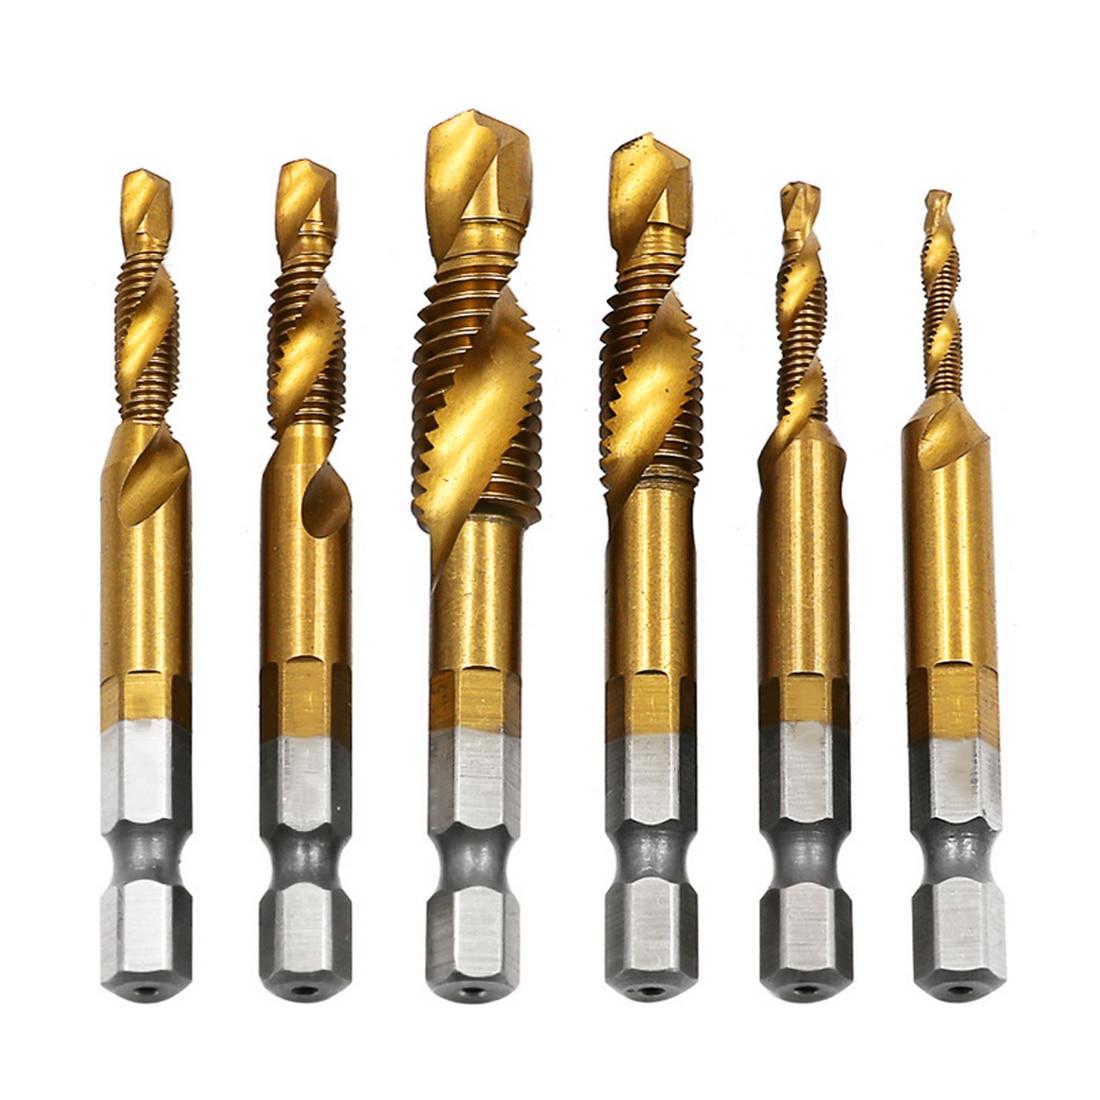 Hand Tap Drill Bits HSS 4341 Screw Spiral Point Thread M3 M4 M5 M6 M8 M10 Metalworking Hex Shank Machine Taps Kit Metric Plug